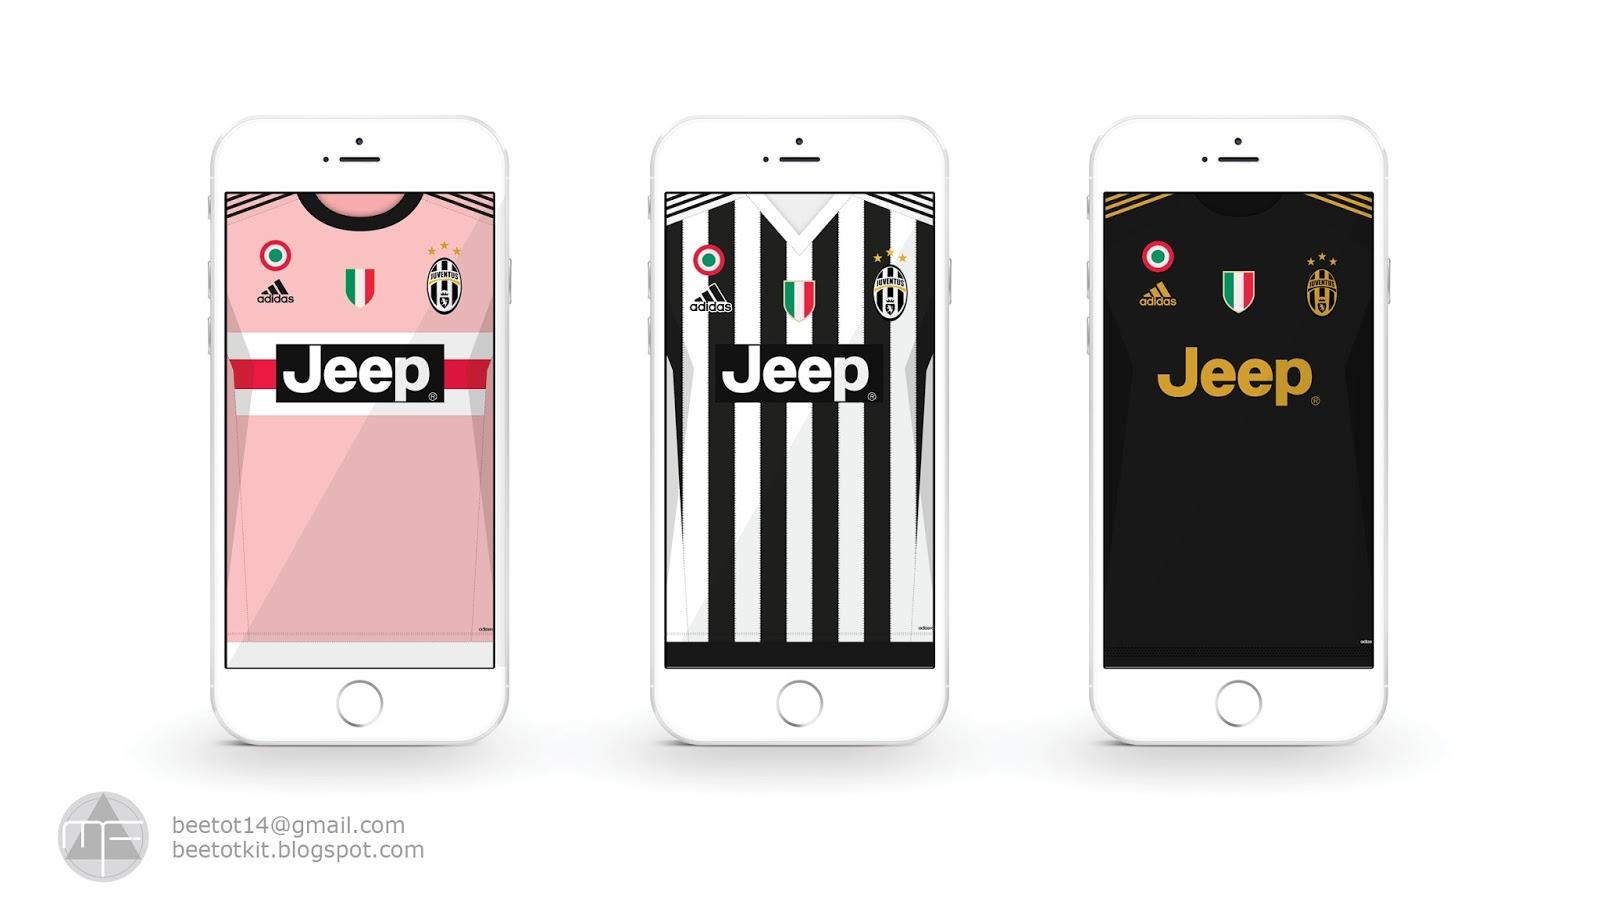 Beetot Kit Juventus Kit 15 16 Iphone 6 Wallpaper